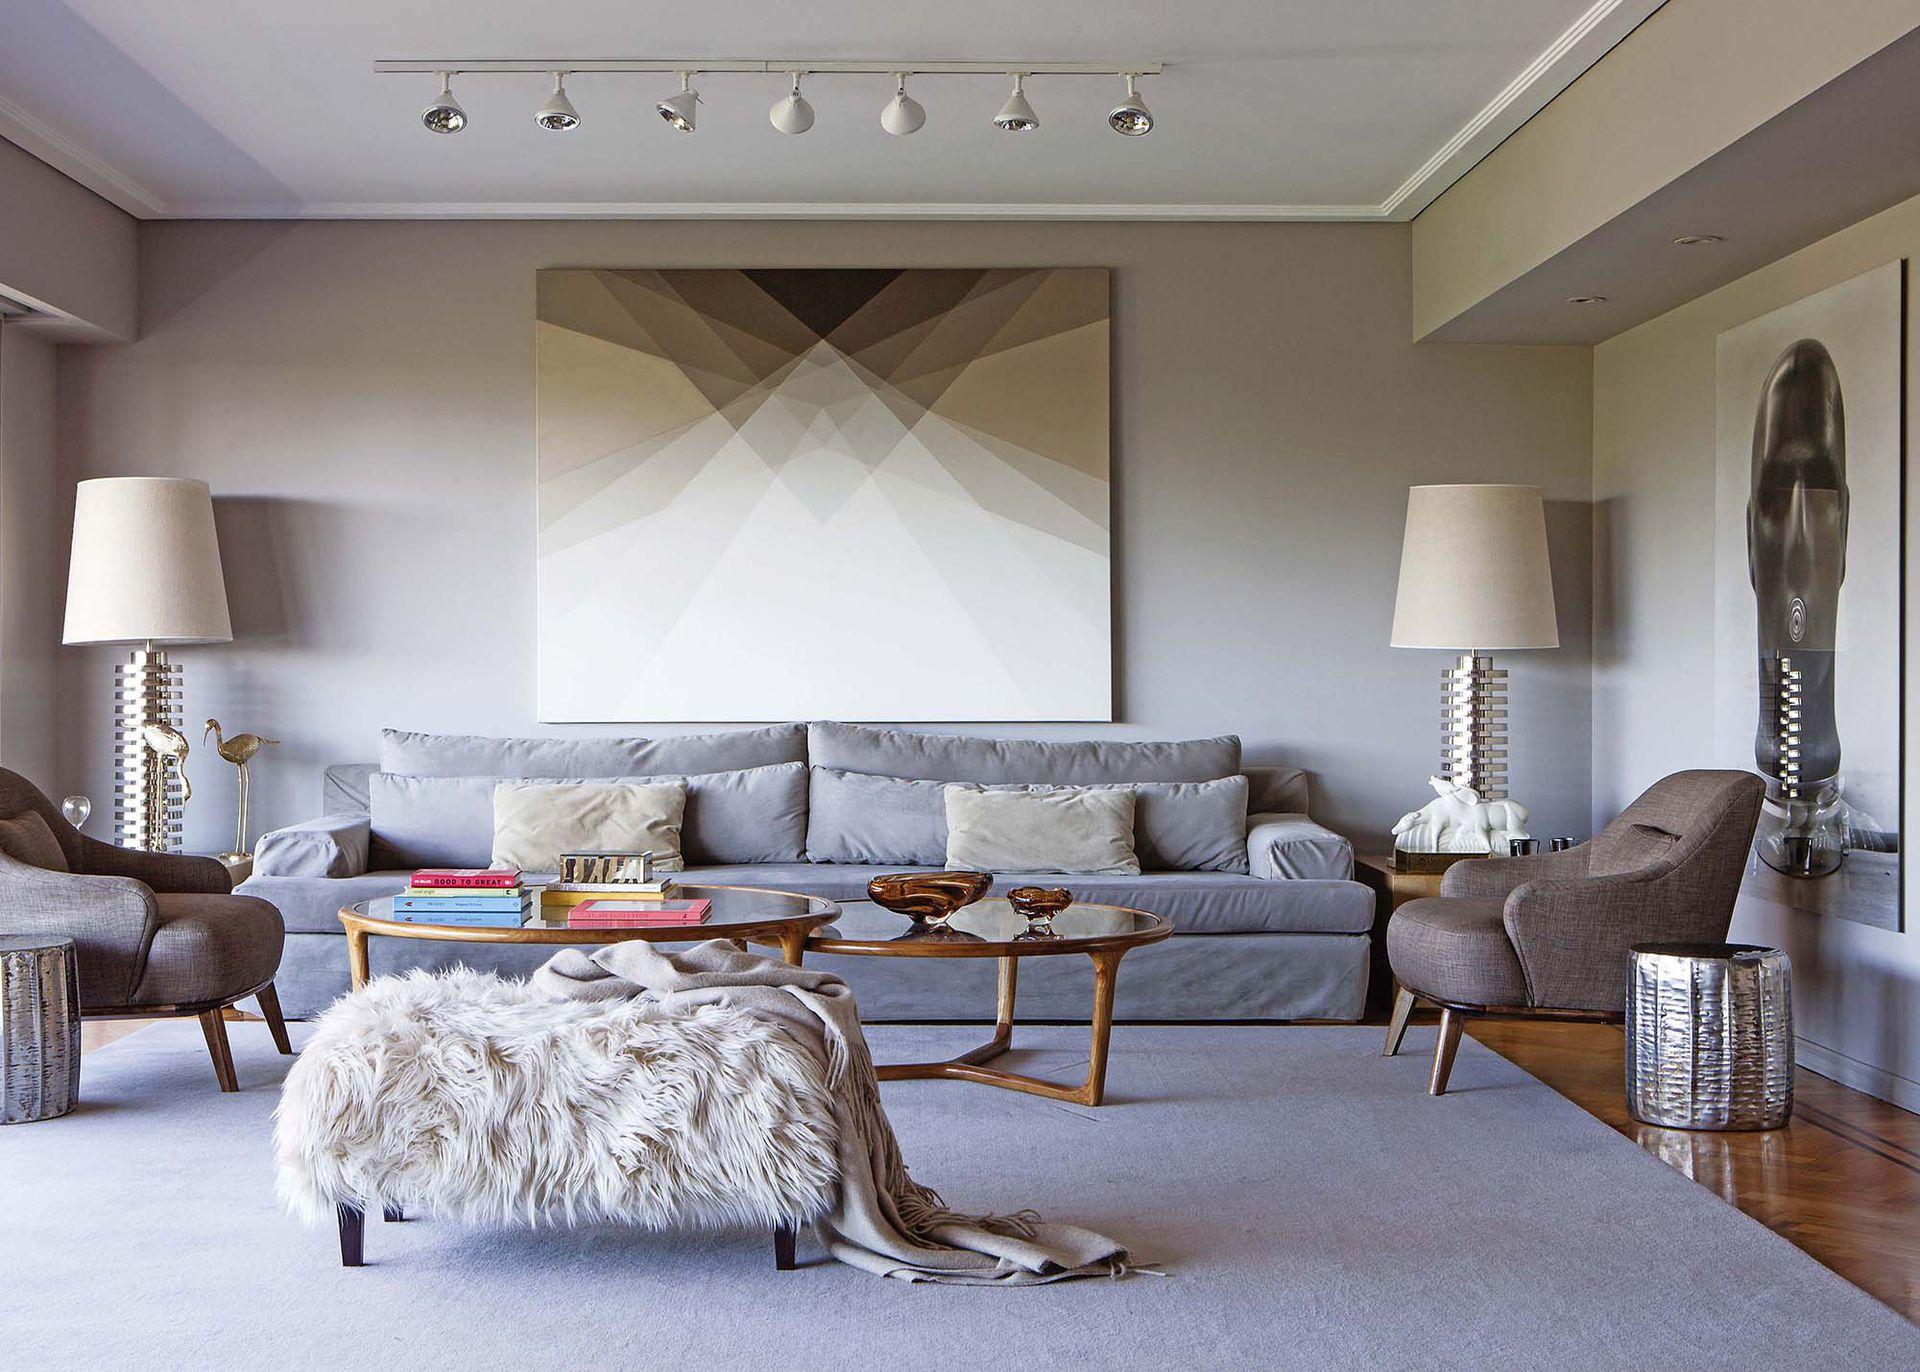 El gran sofá es creación de Rodrigo para Harturo Design,donde también se consiguen las mesas bajas. La obra de Andreas Magdanz, fotógrafo alemán, pertenece a una serie sobre los búnkers de la Segunda Guerra.